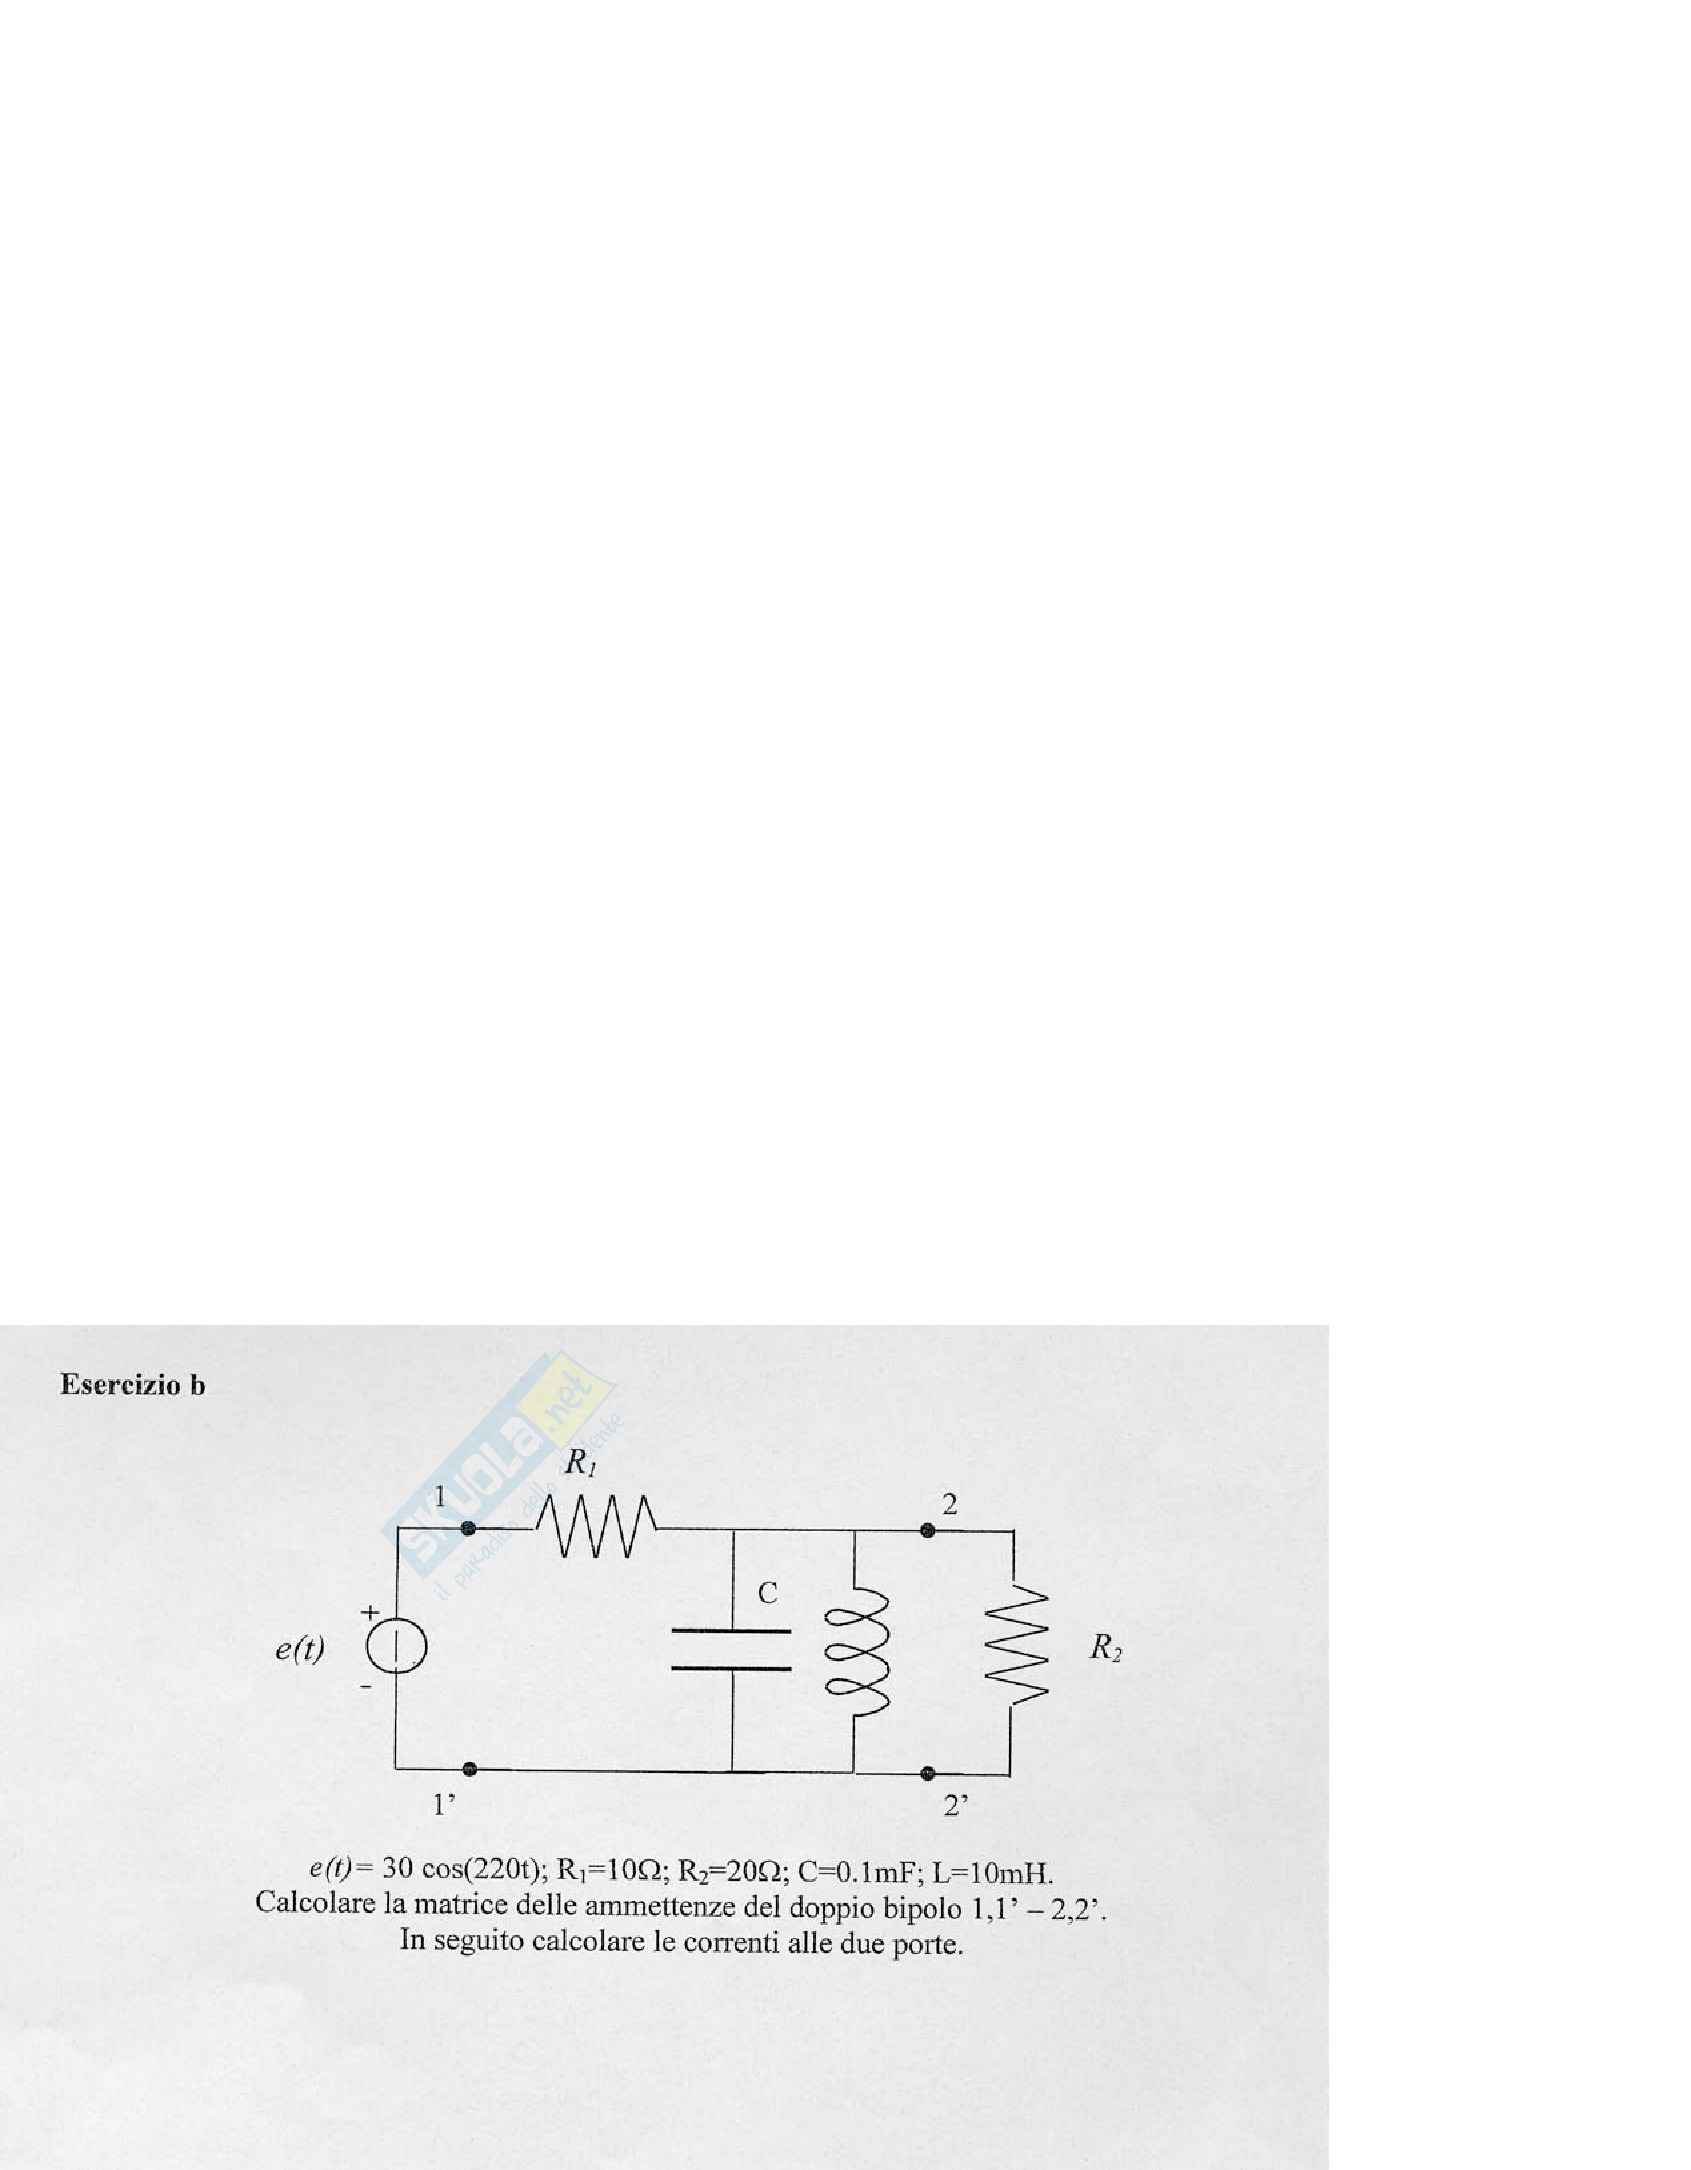 Introduzione ai circuiti - Matrice Ammettenze